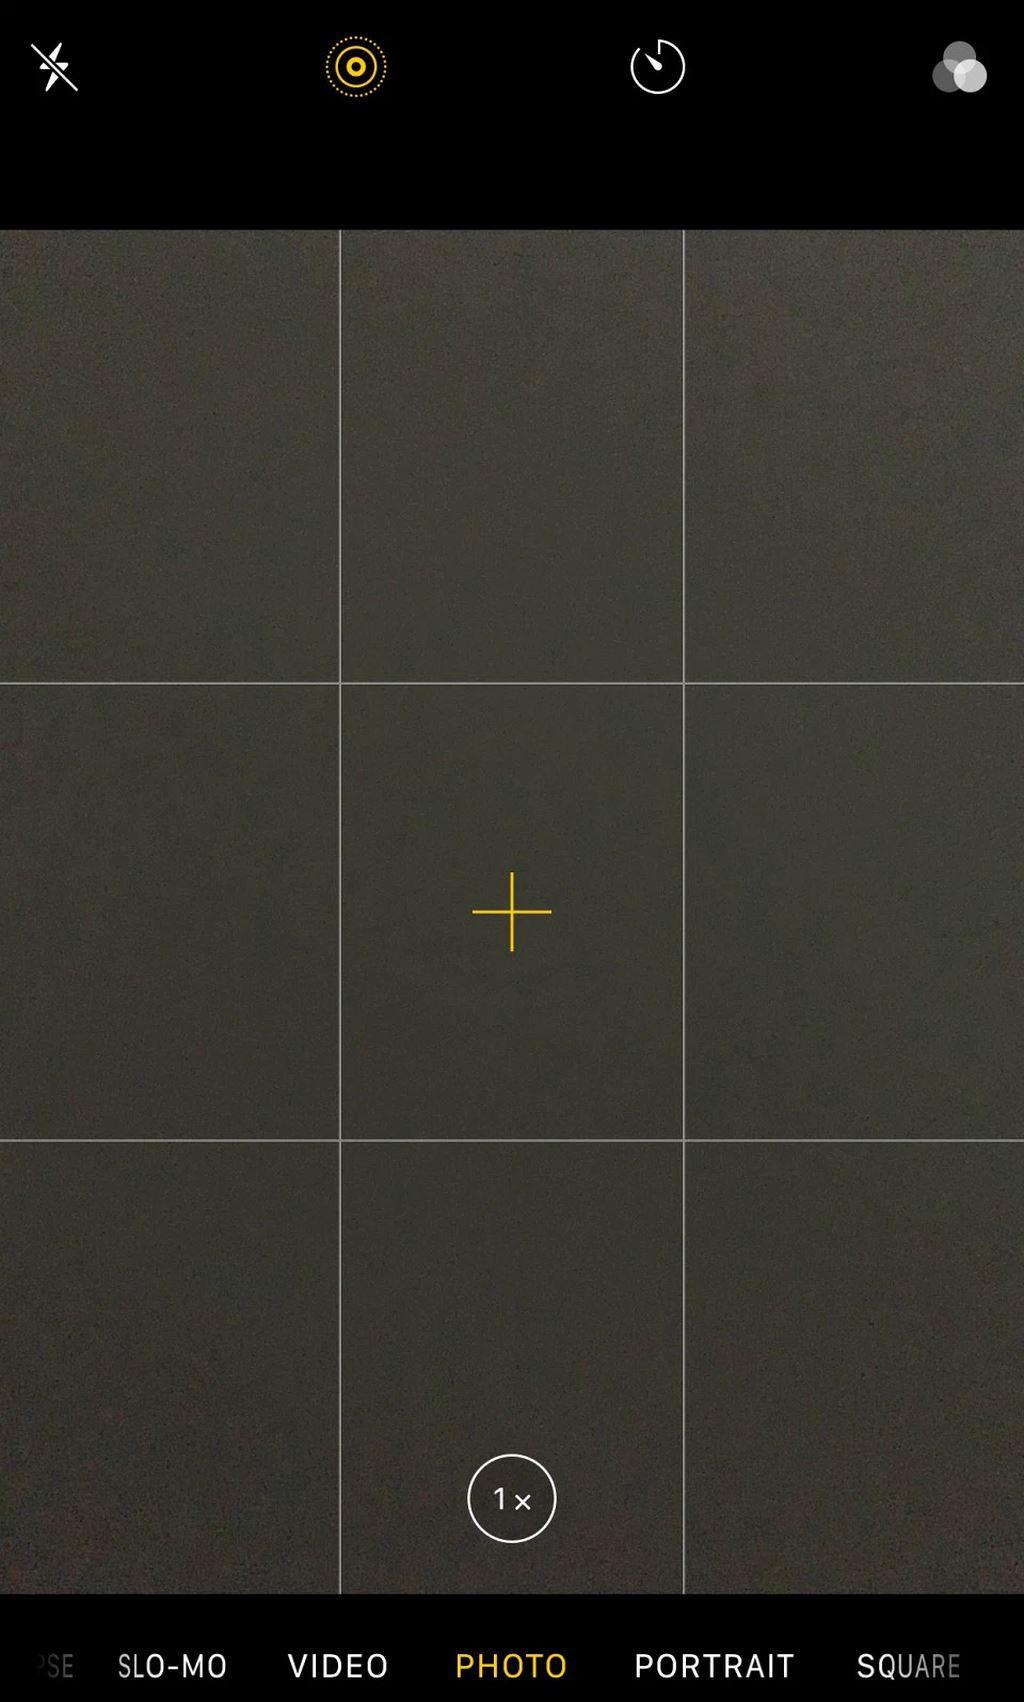 Thủ thuật chụp ảnh dành cho các tín đồ iPhone ảnh 4